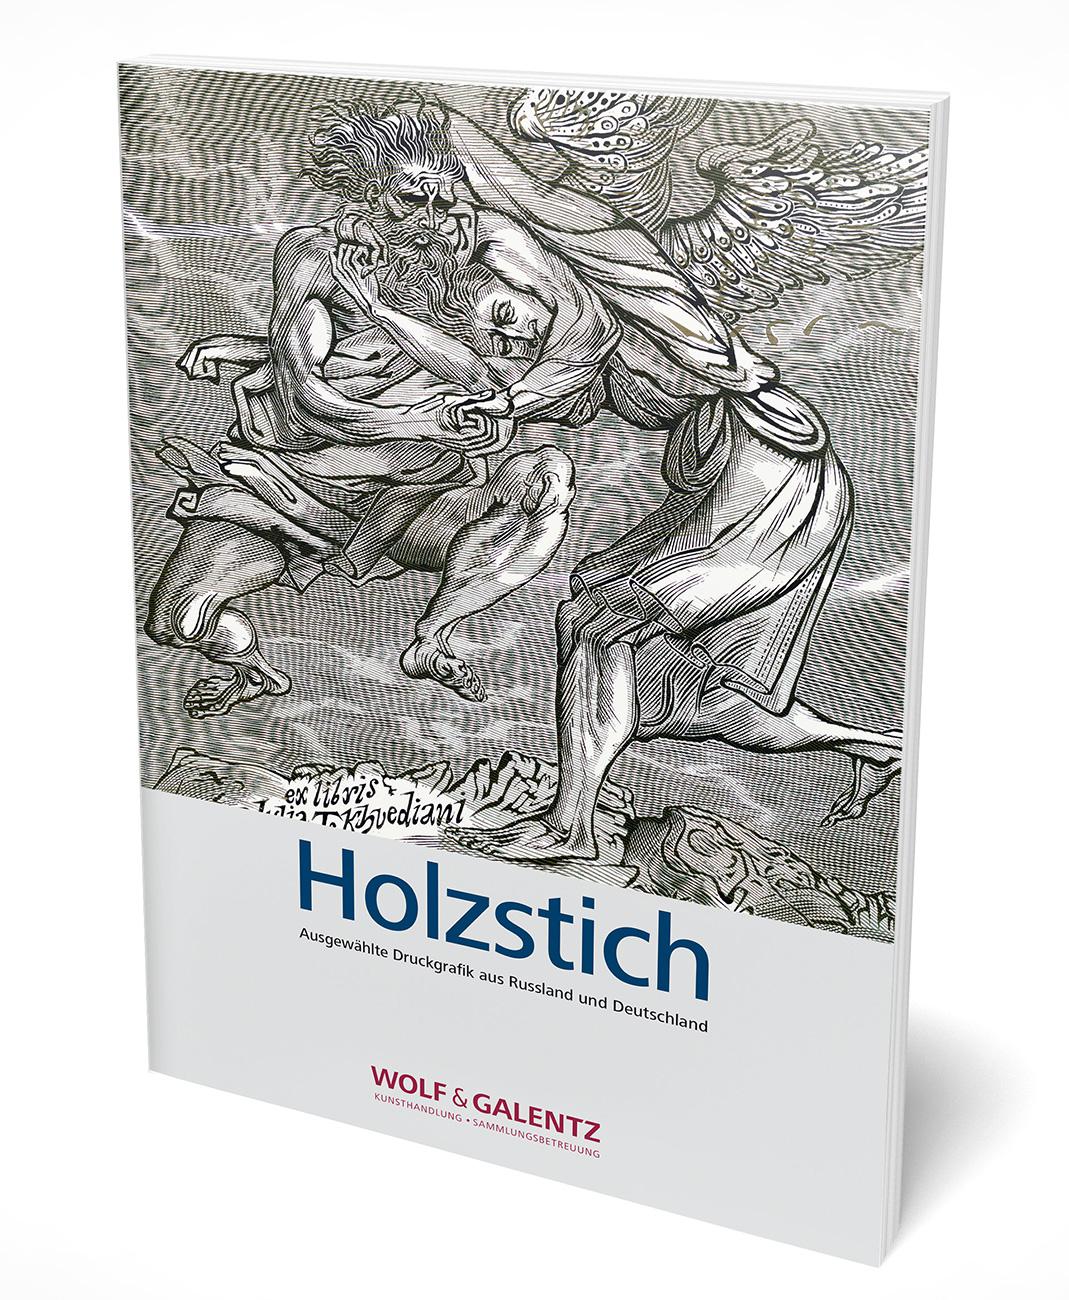 Holzstich